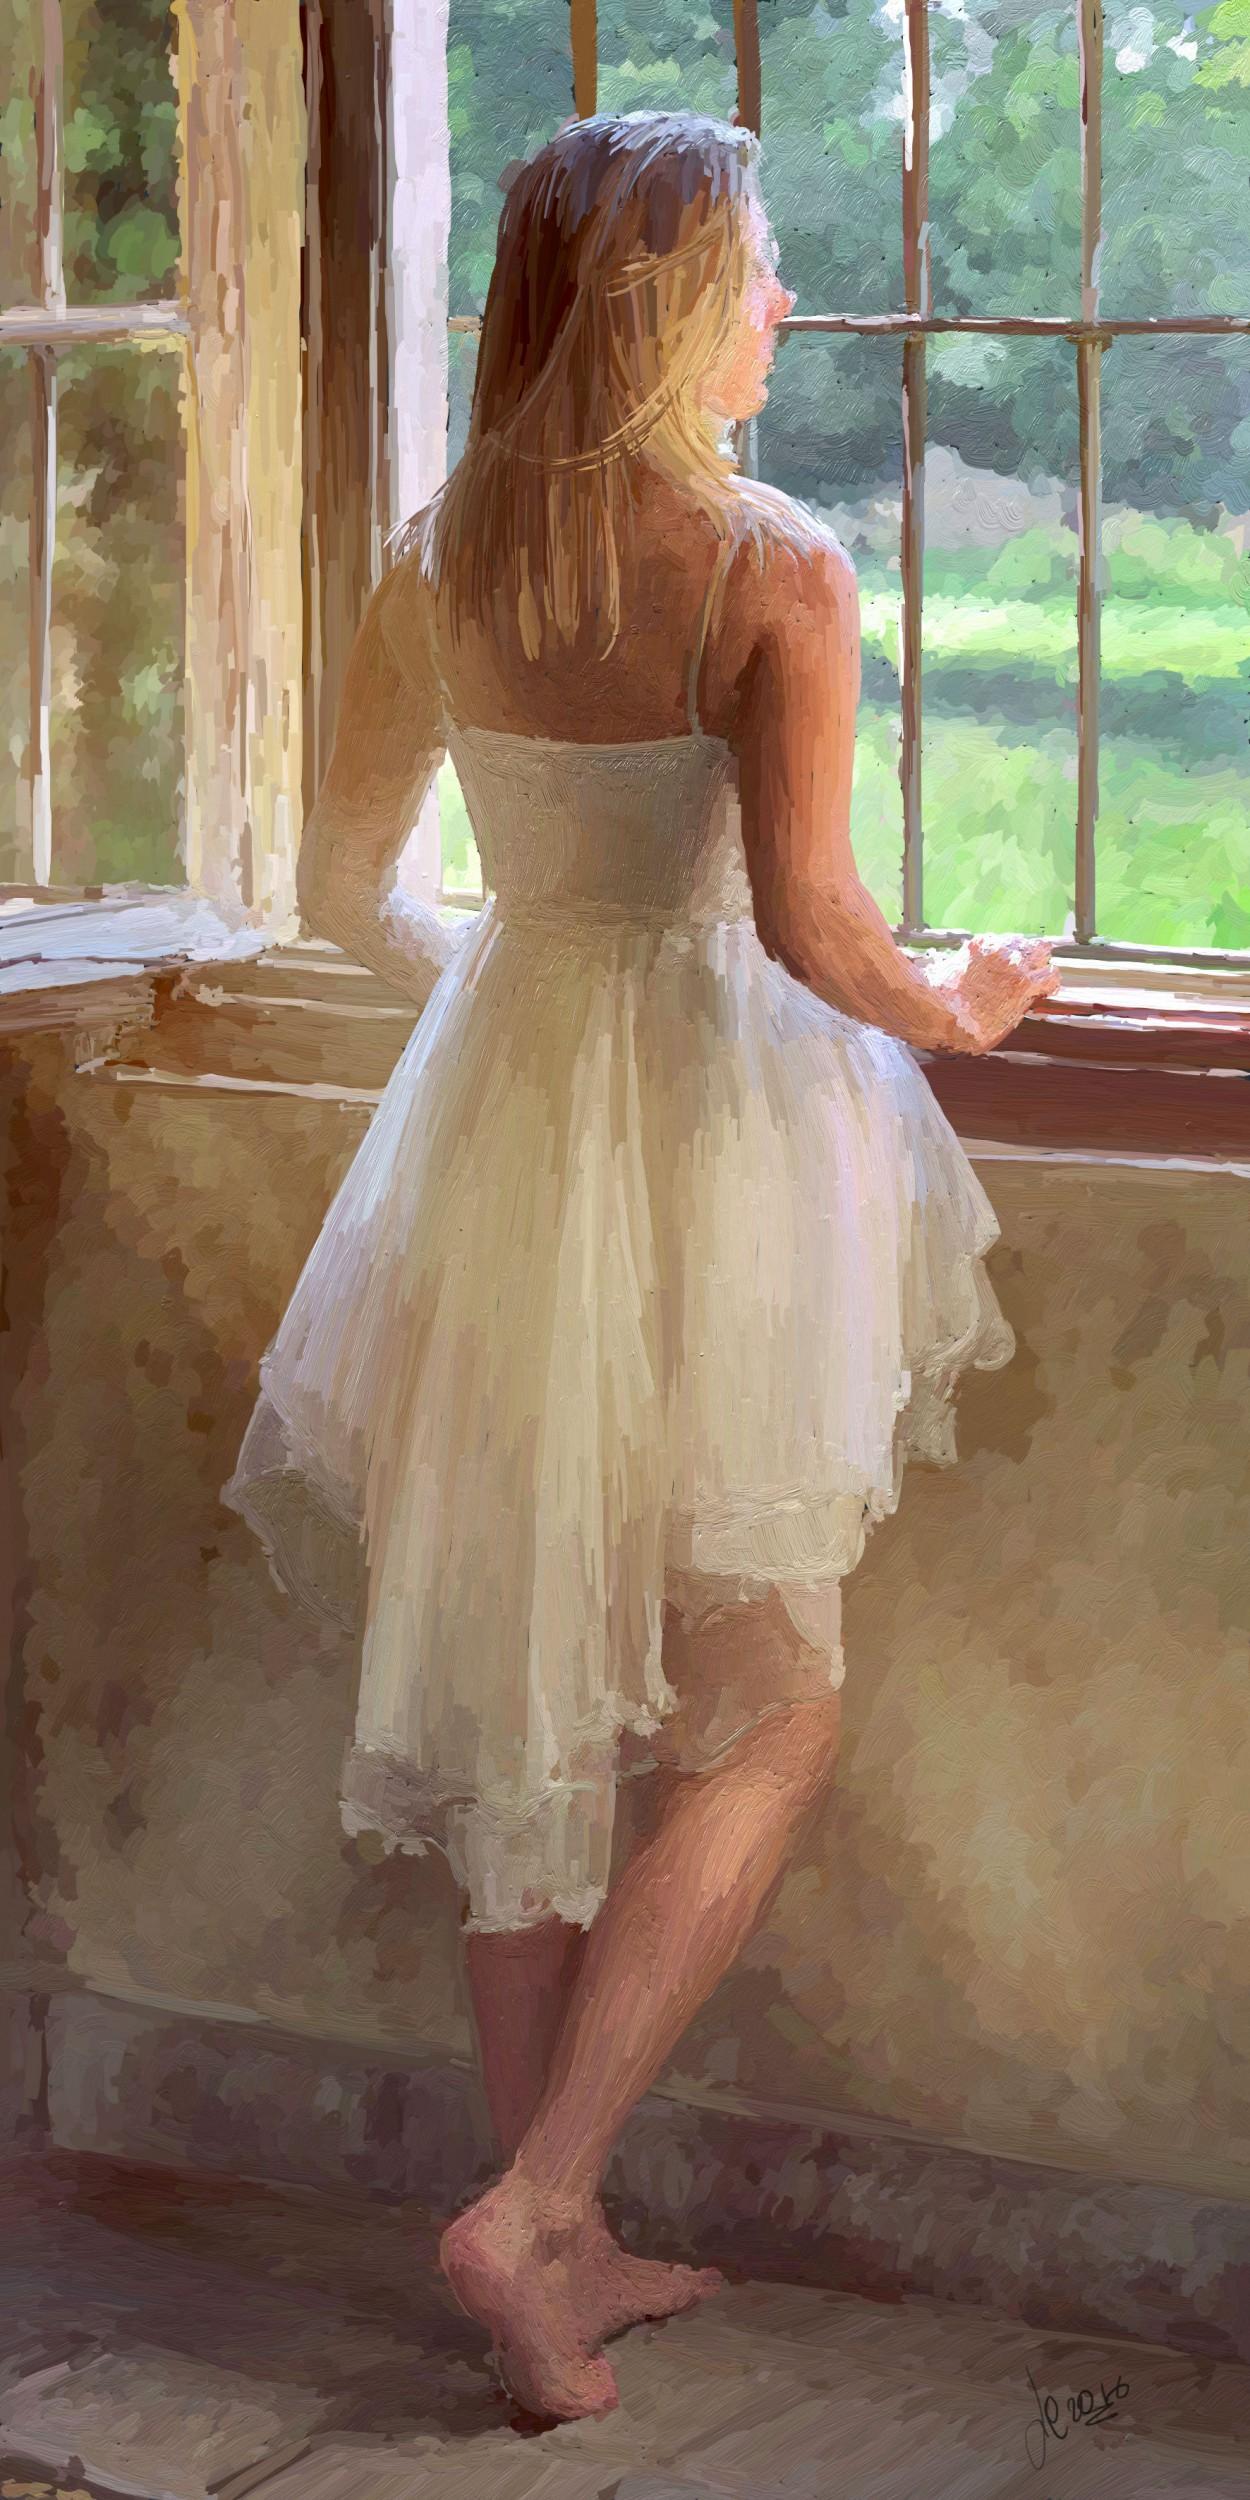 La ragazza alla finestra luciano curtarello opera celeste network - Ragazza alla finestra ...